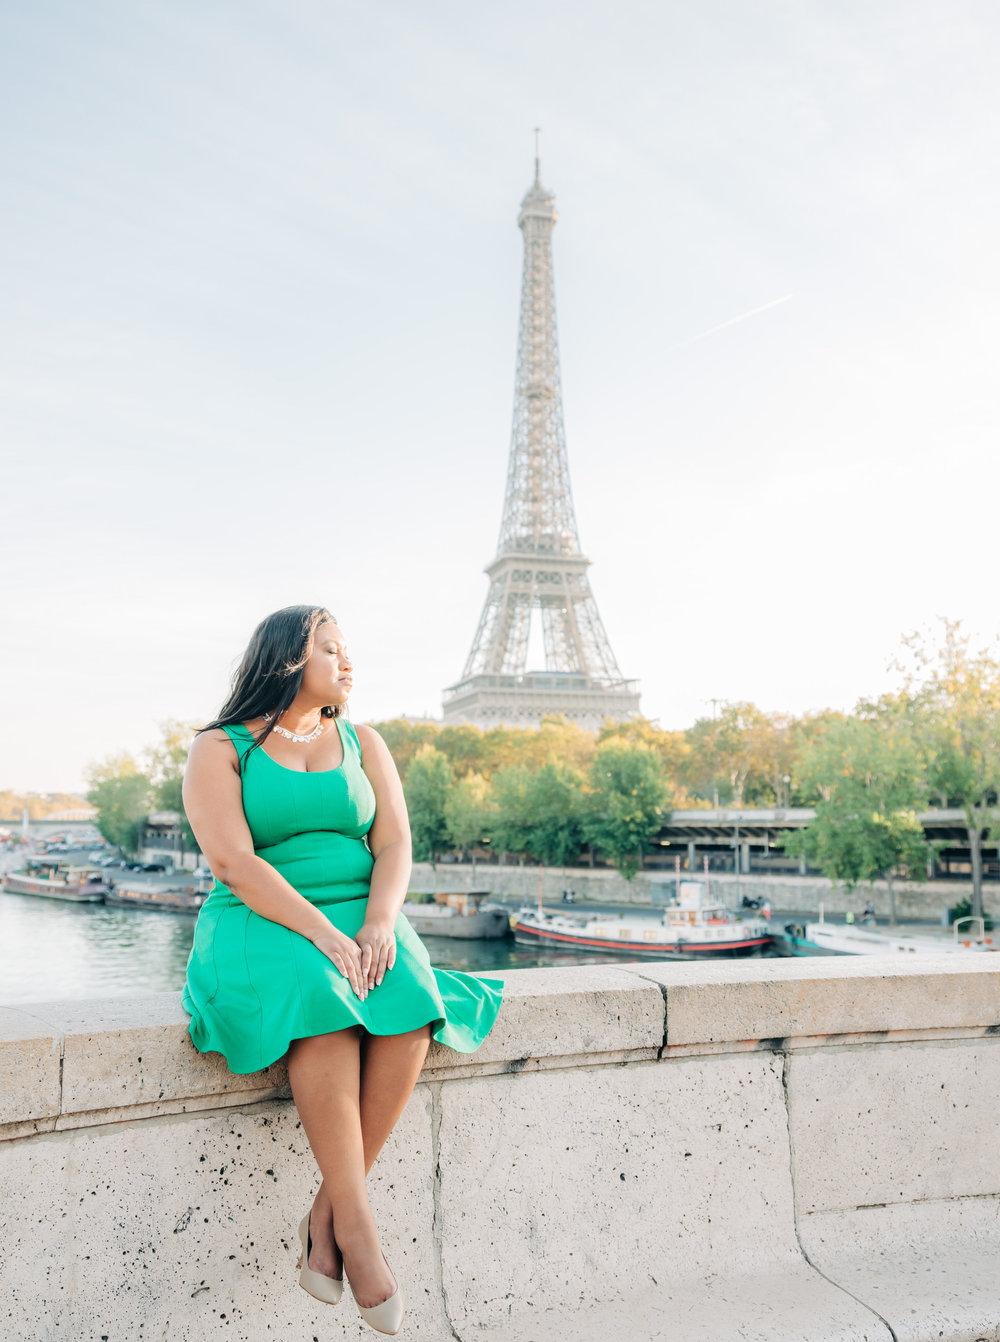 paris dream photo experience for women with picture me paris in paris france